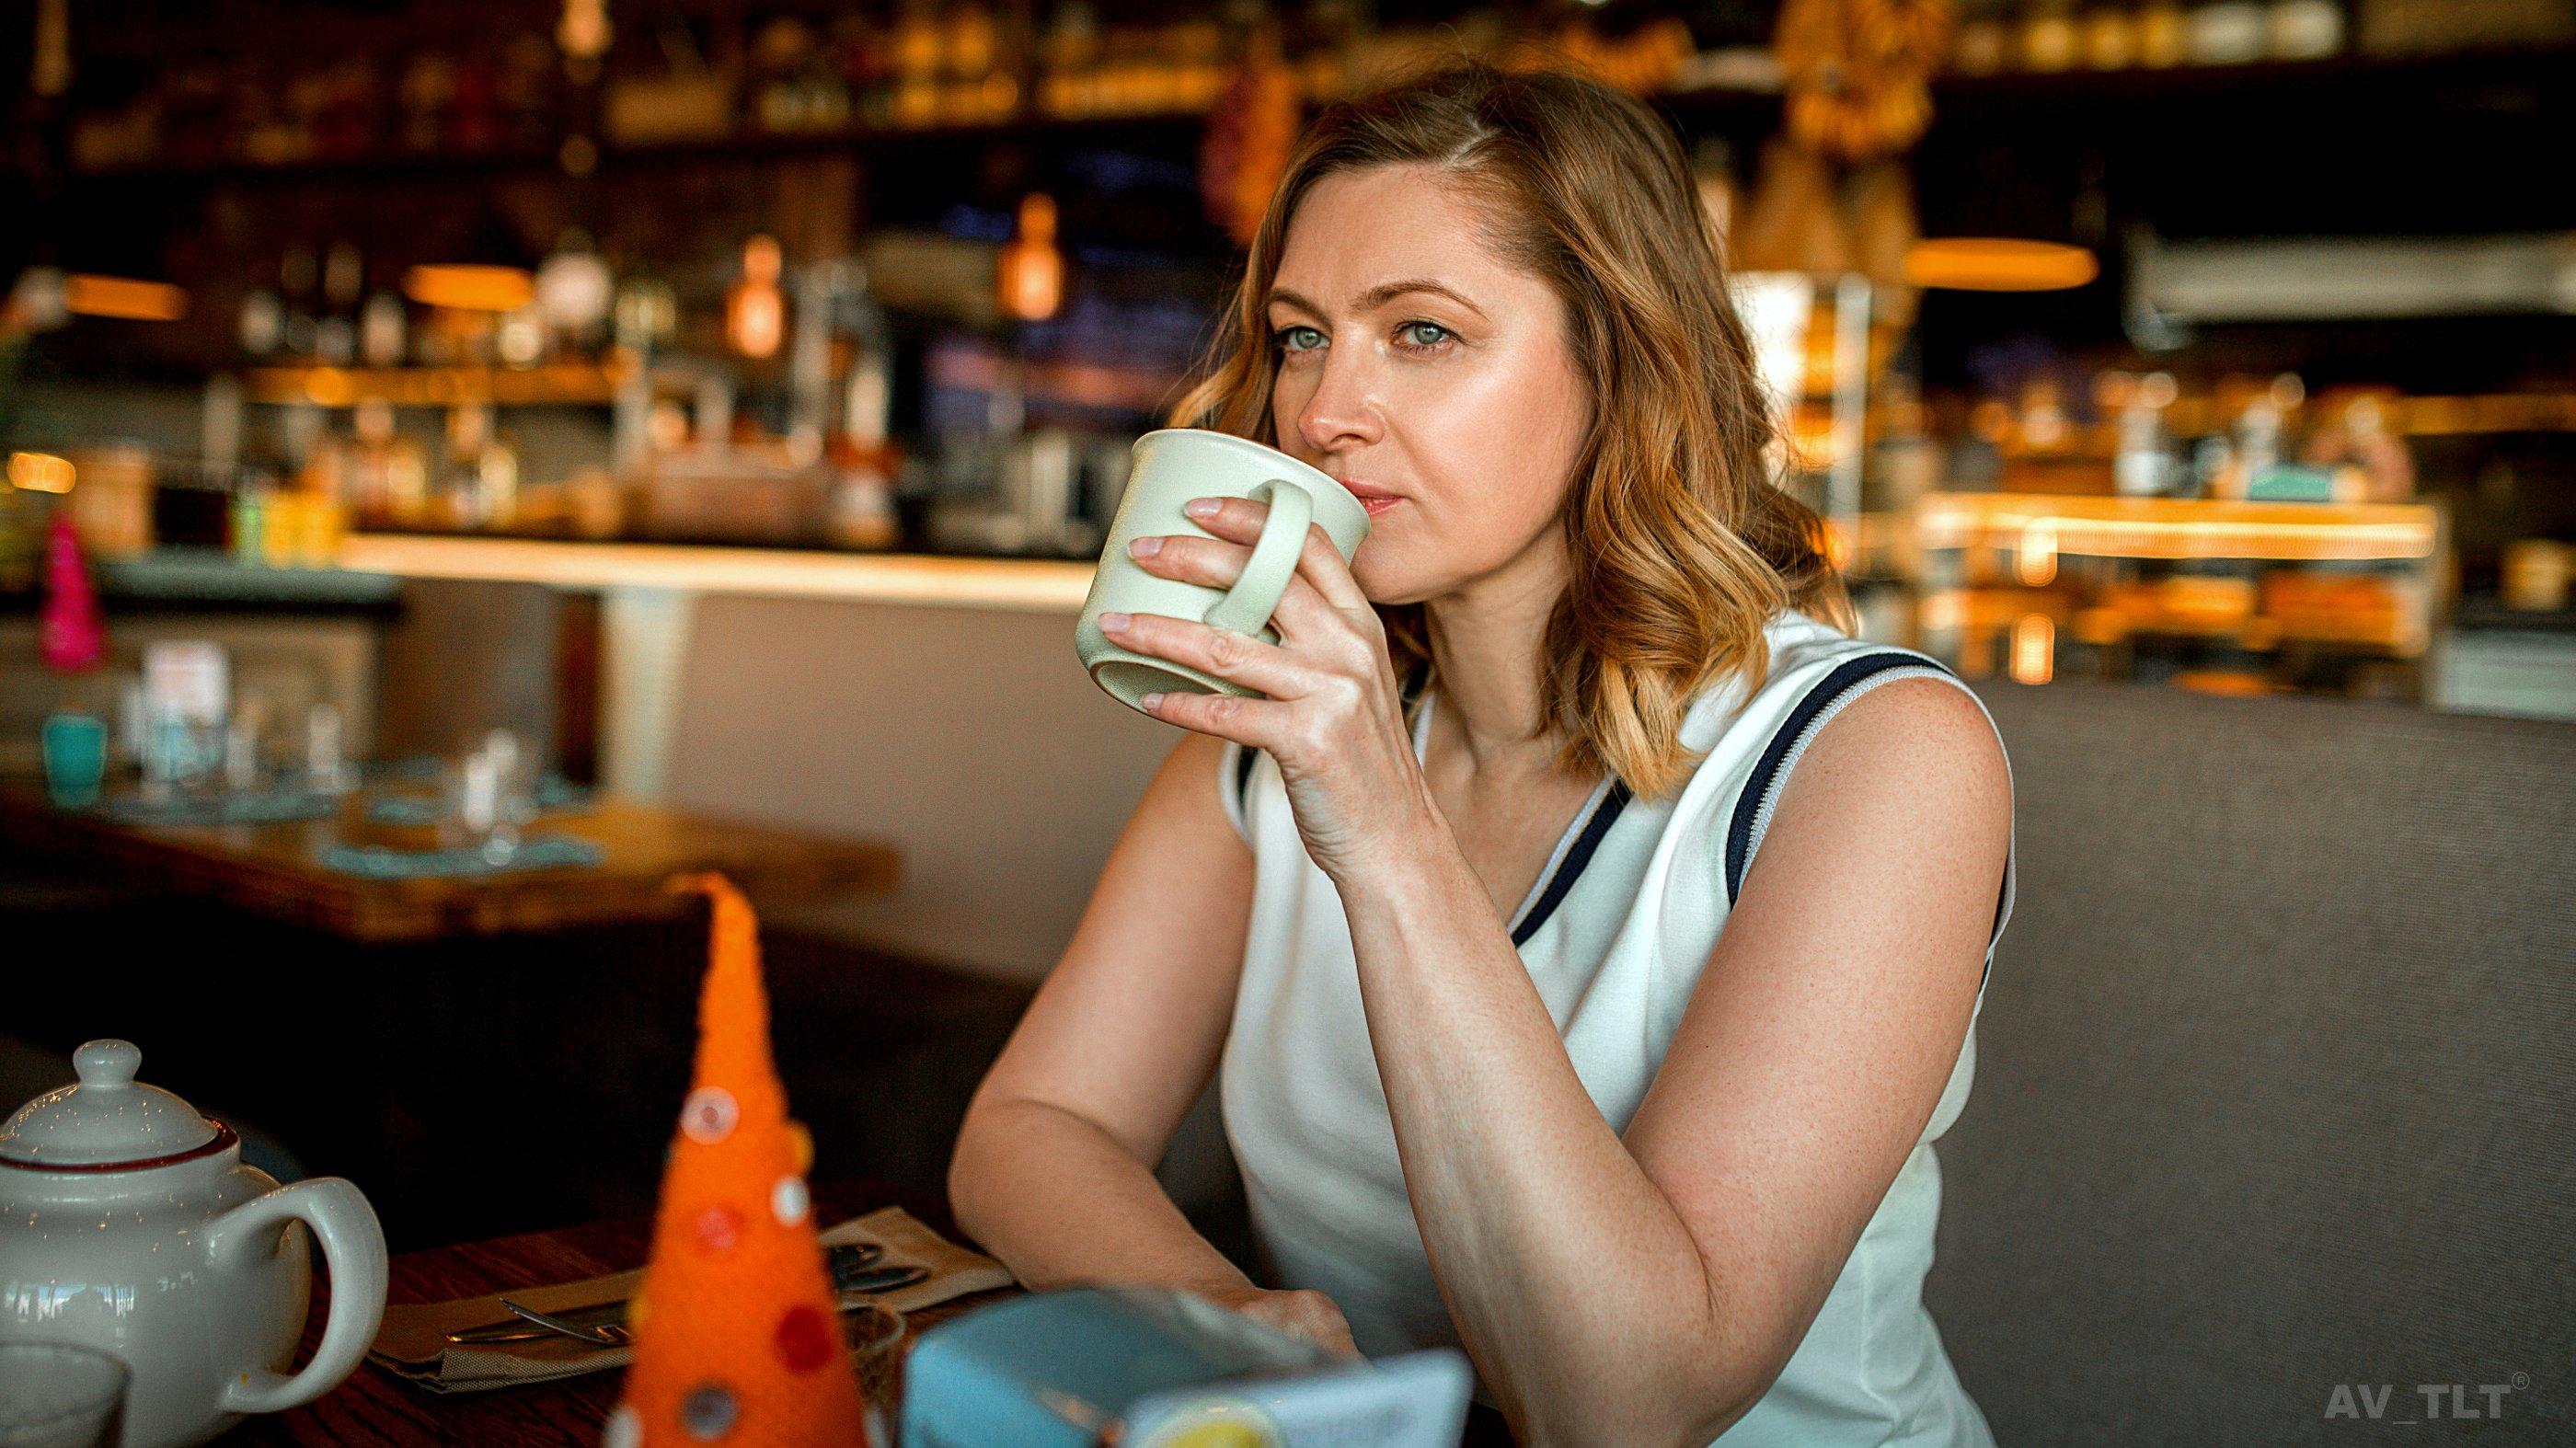 портрет, ресторан, чашка кофе, женщина, женский портрет, Сухарь Александр